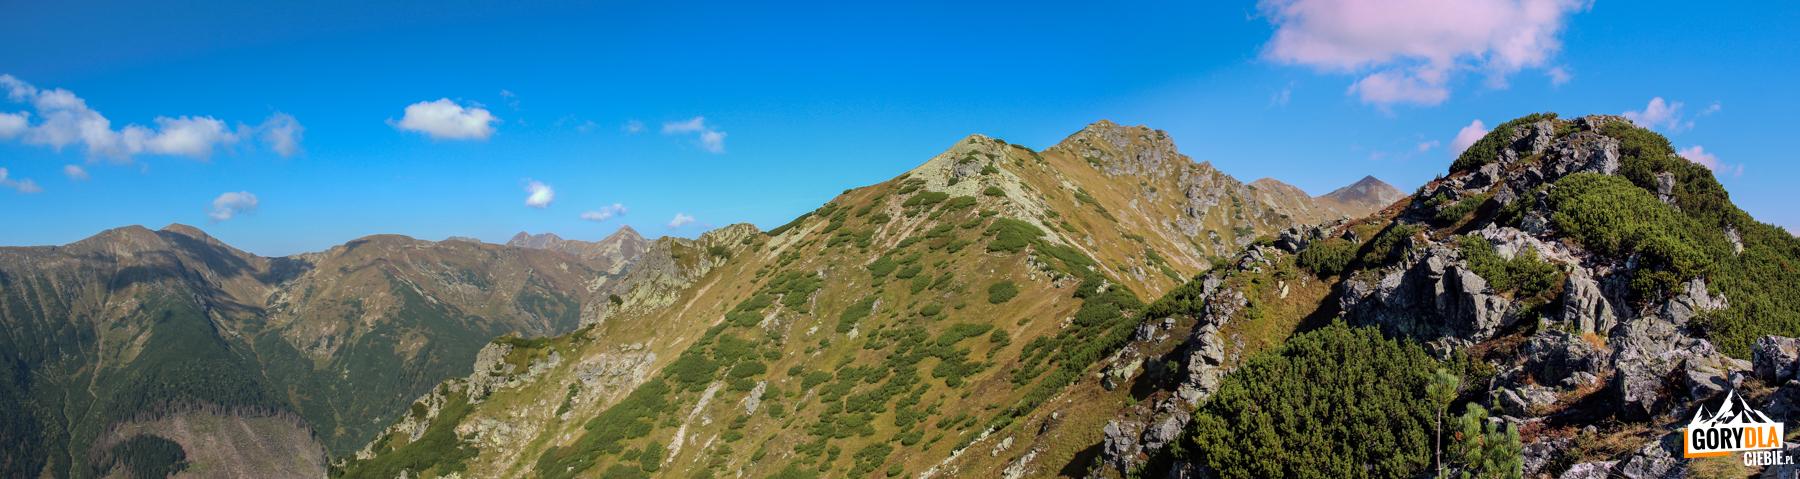 Grań Otargańców - Ostredok (1714 m), Niżna Magura (1920 m), Pośrednia Magura (2050 m), Wyżnia Magura (2095 m) i Raczkowa Czuba (słow. Jakubina, 2194 m).